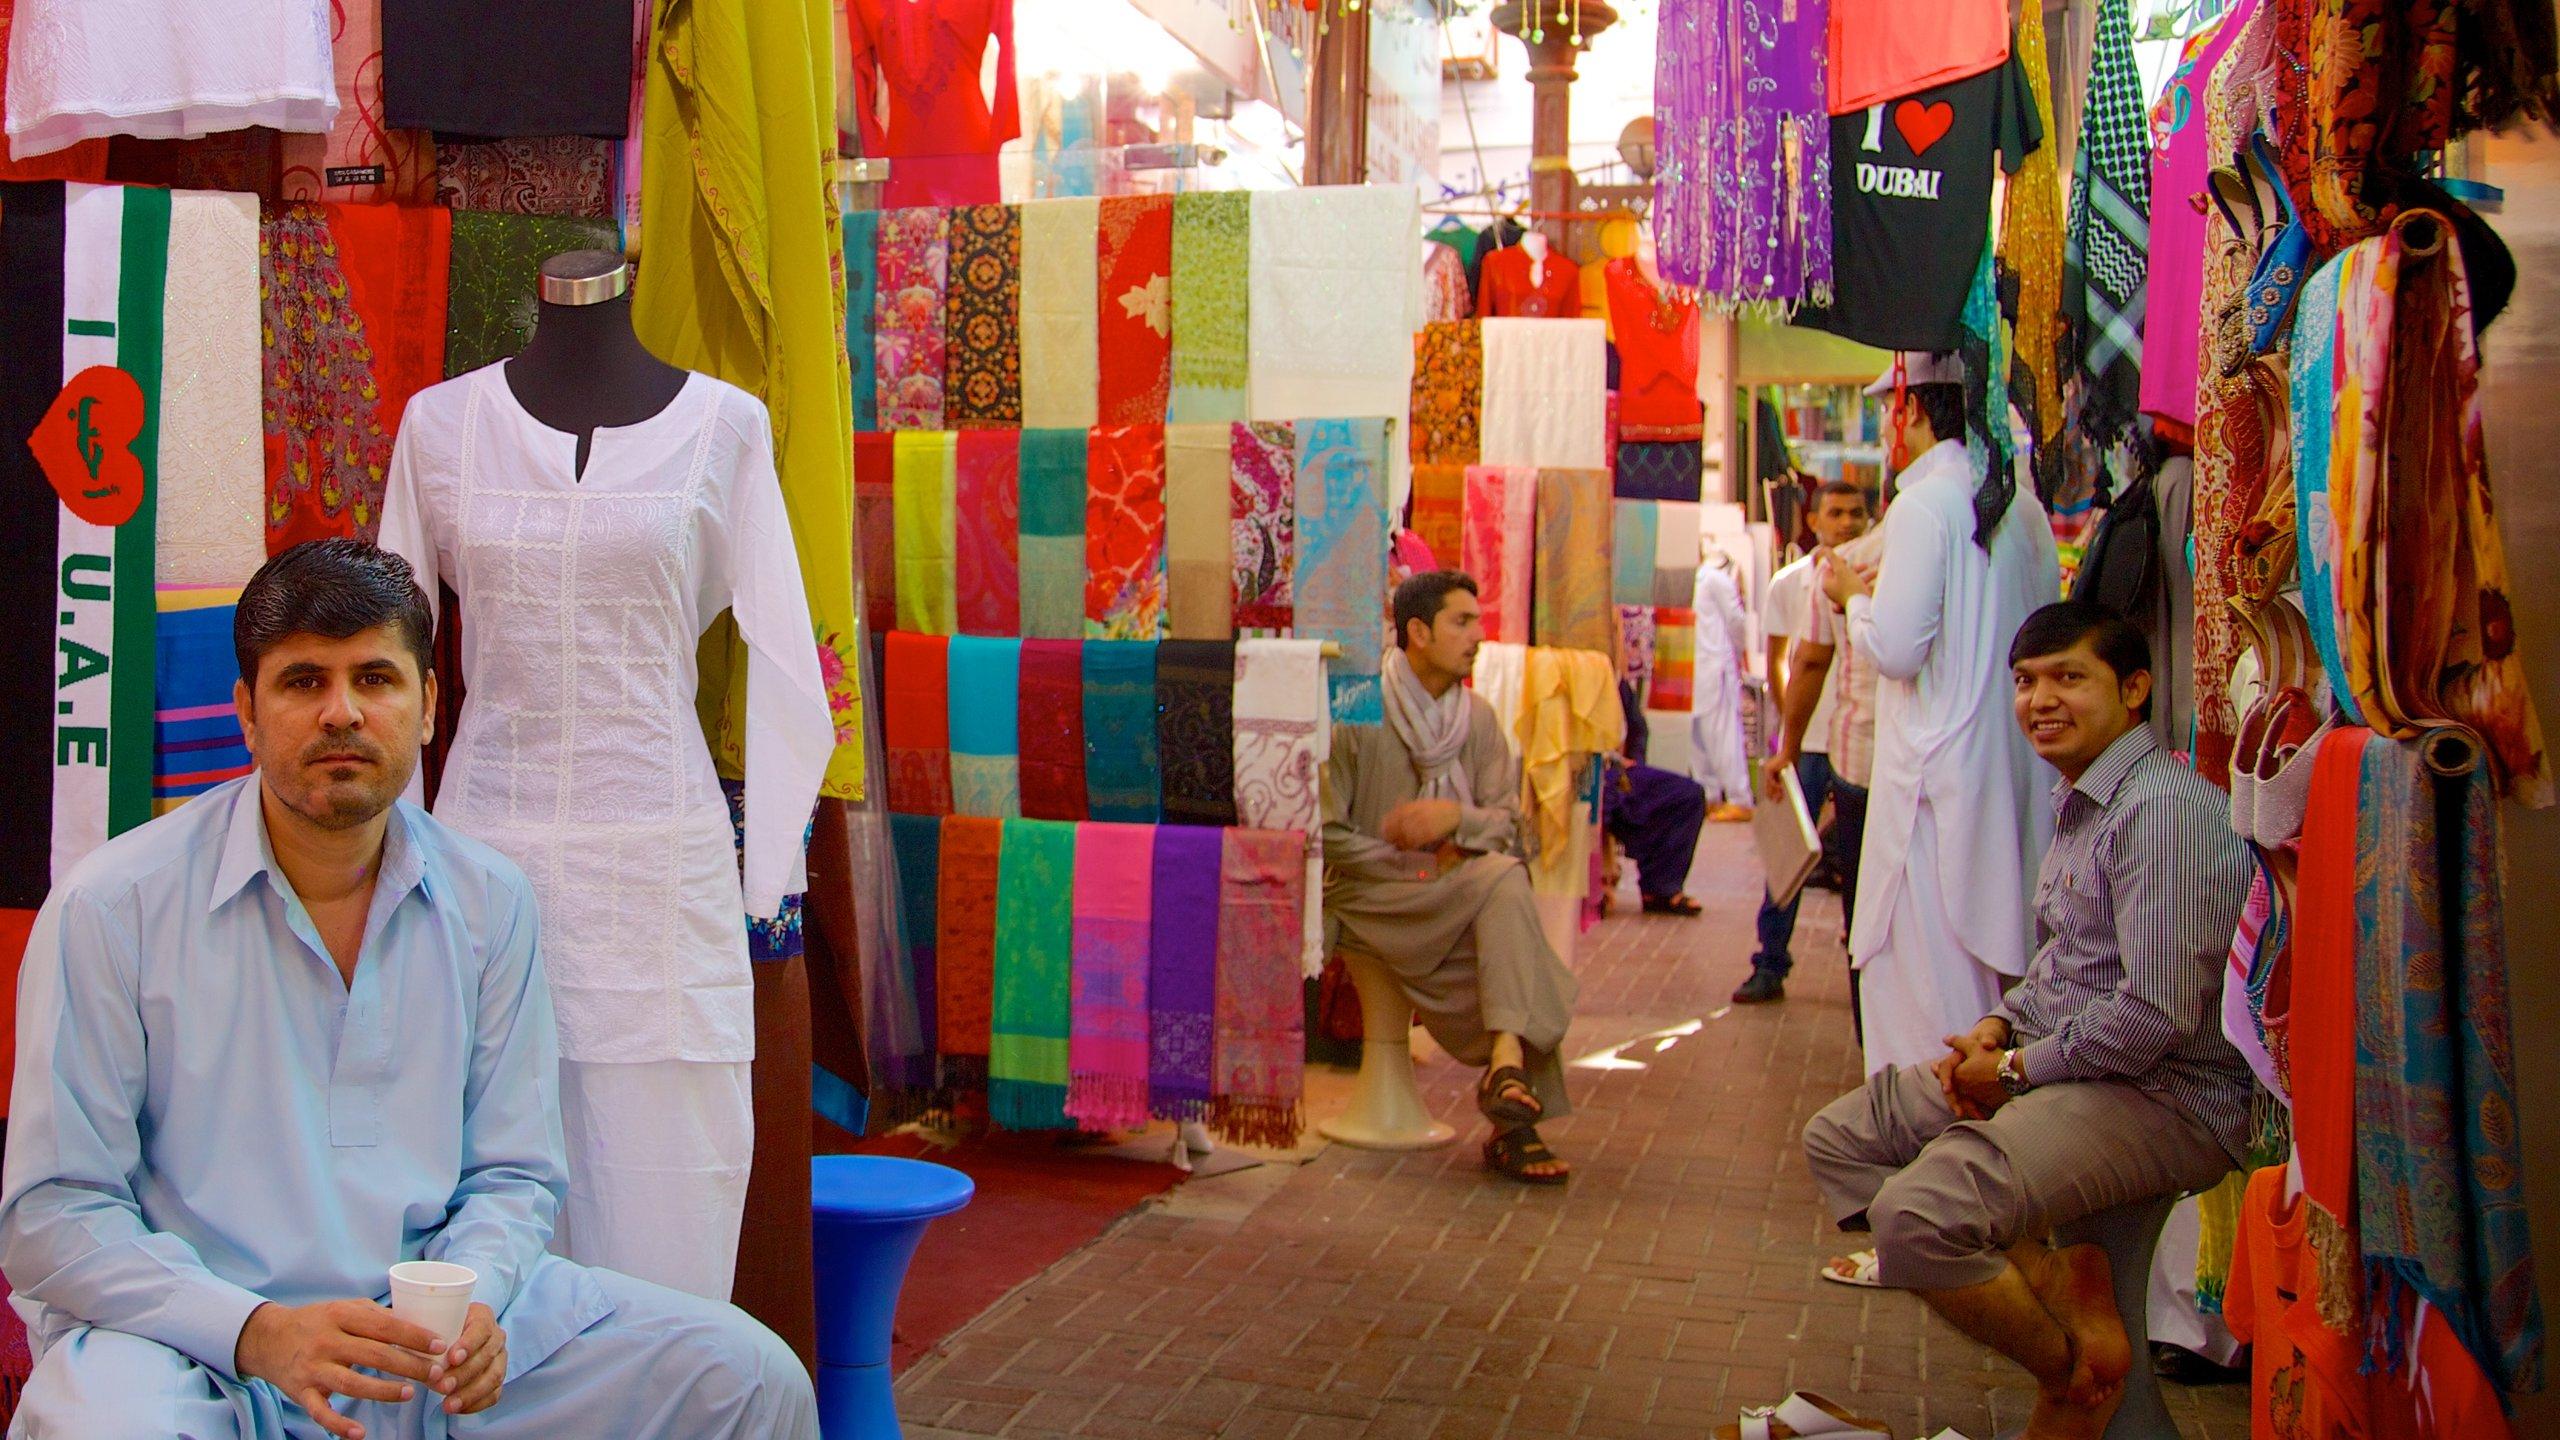 Old Dubai, Dubai, Dubai, United Arab Emirates